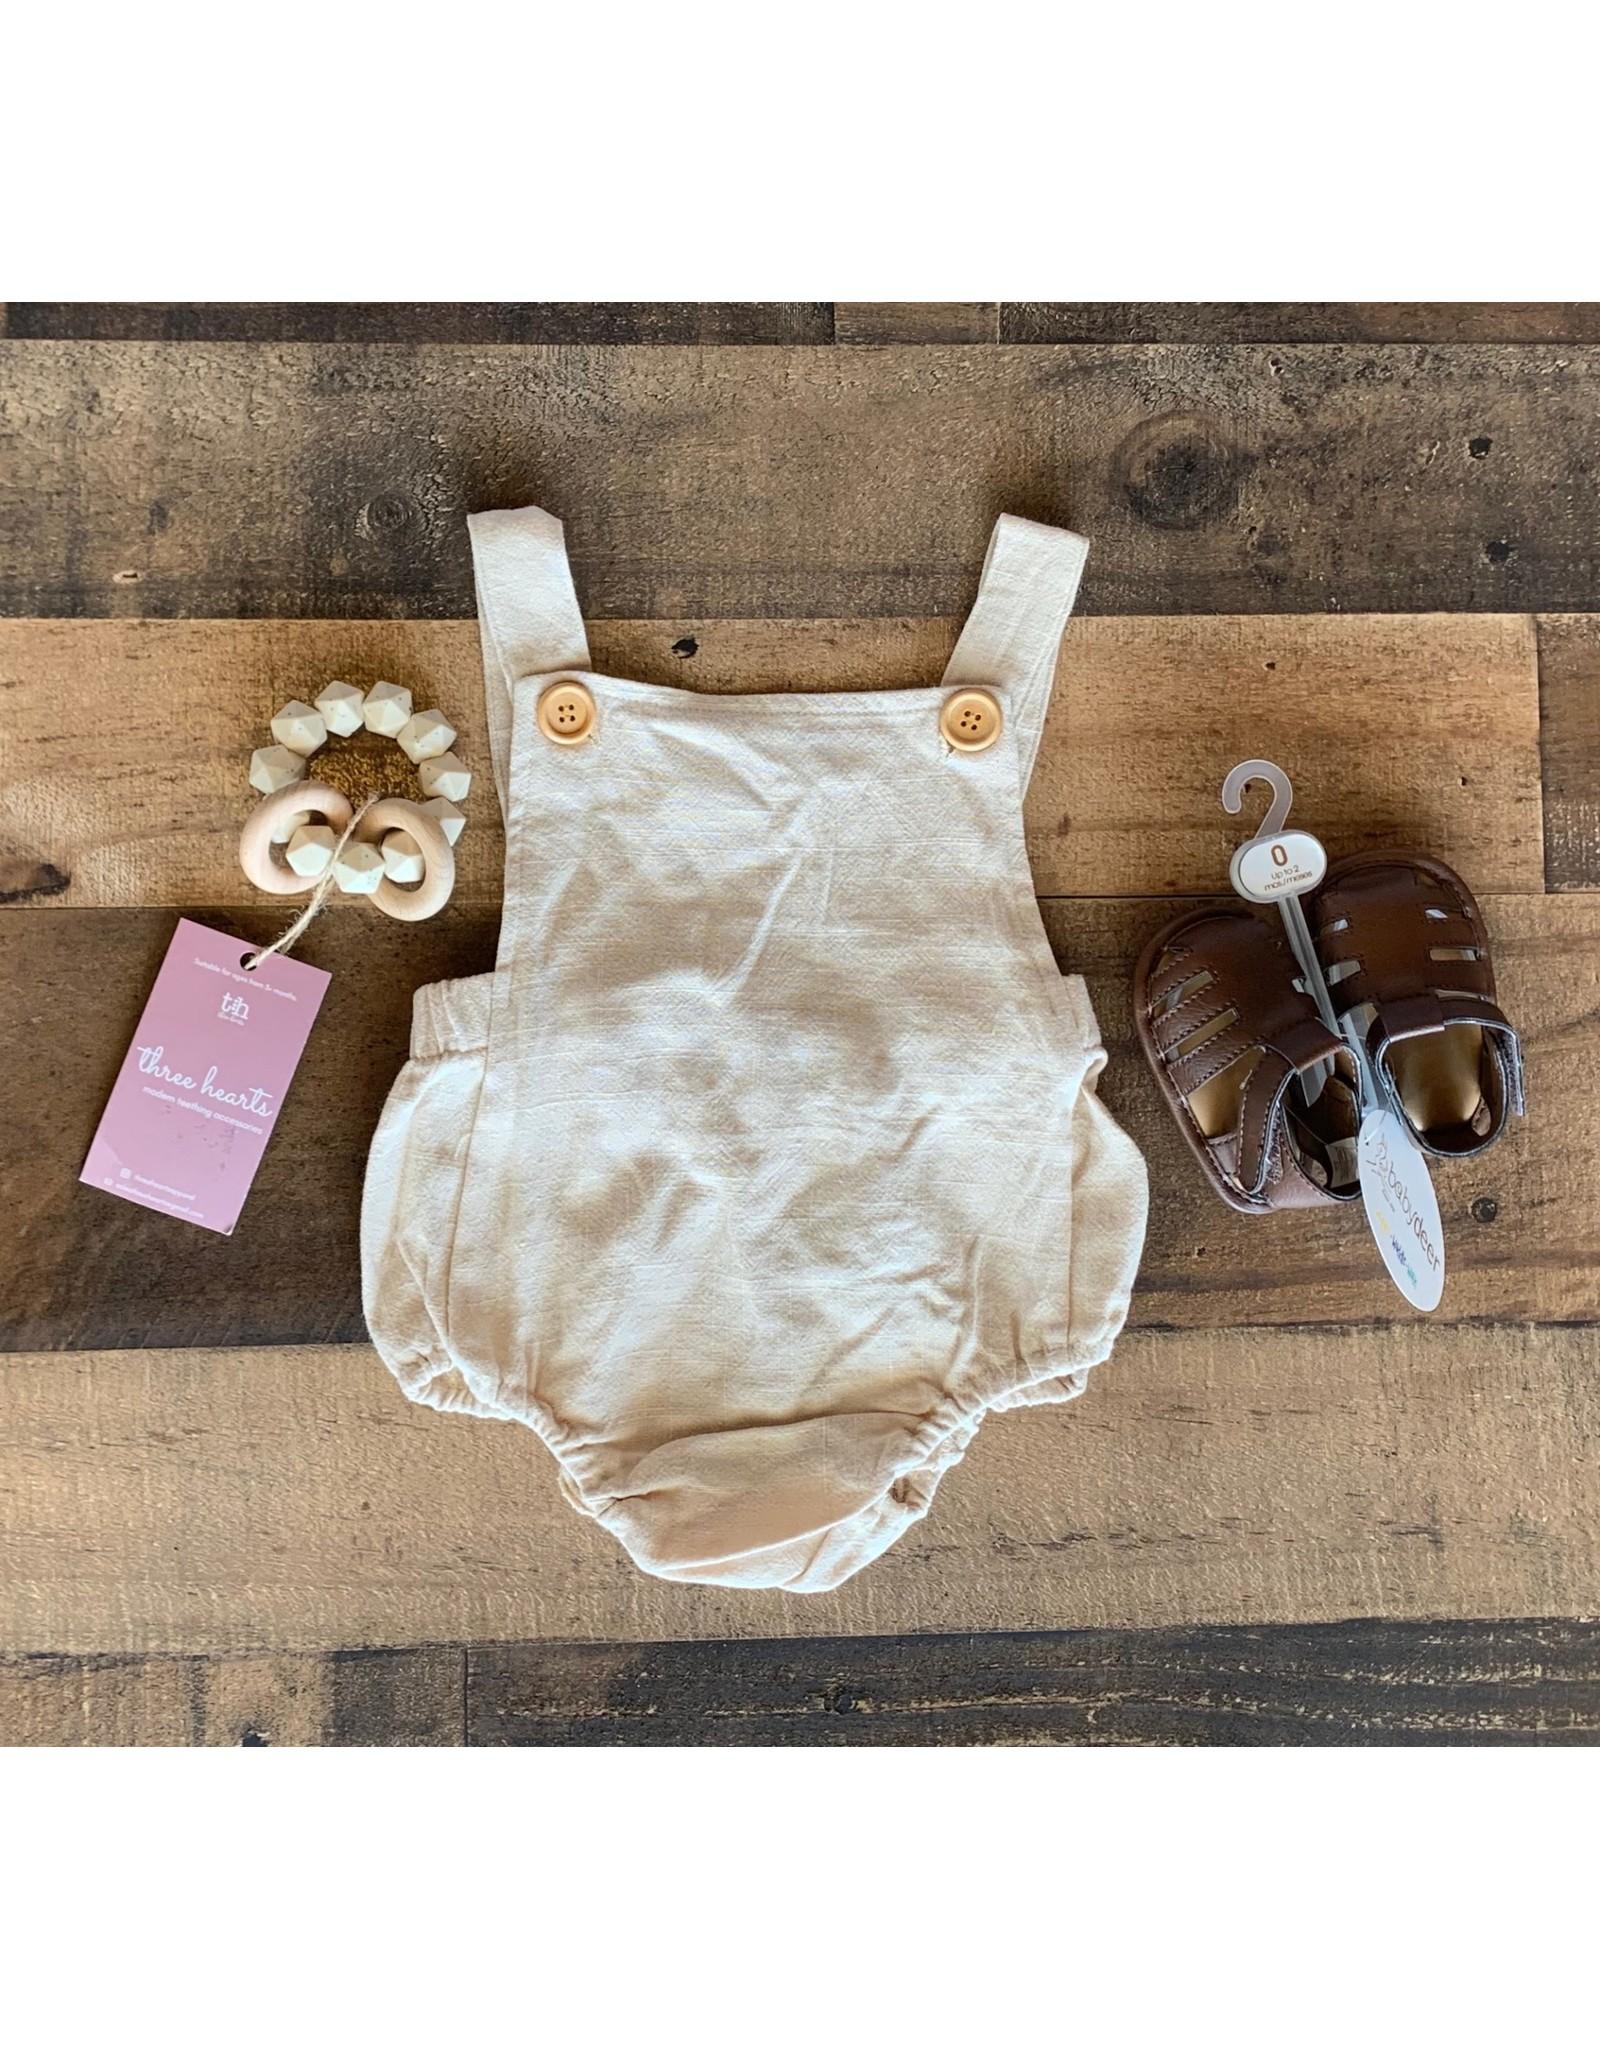 loved by Jade Presley loved by jade presley- Khaki Suspender Backless Romper